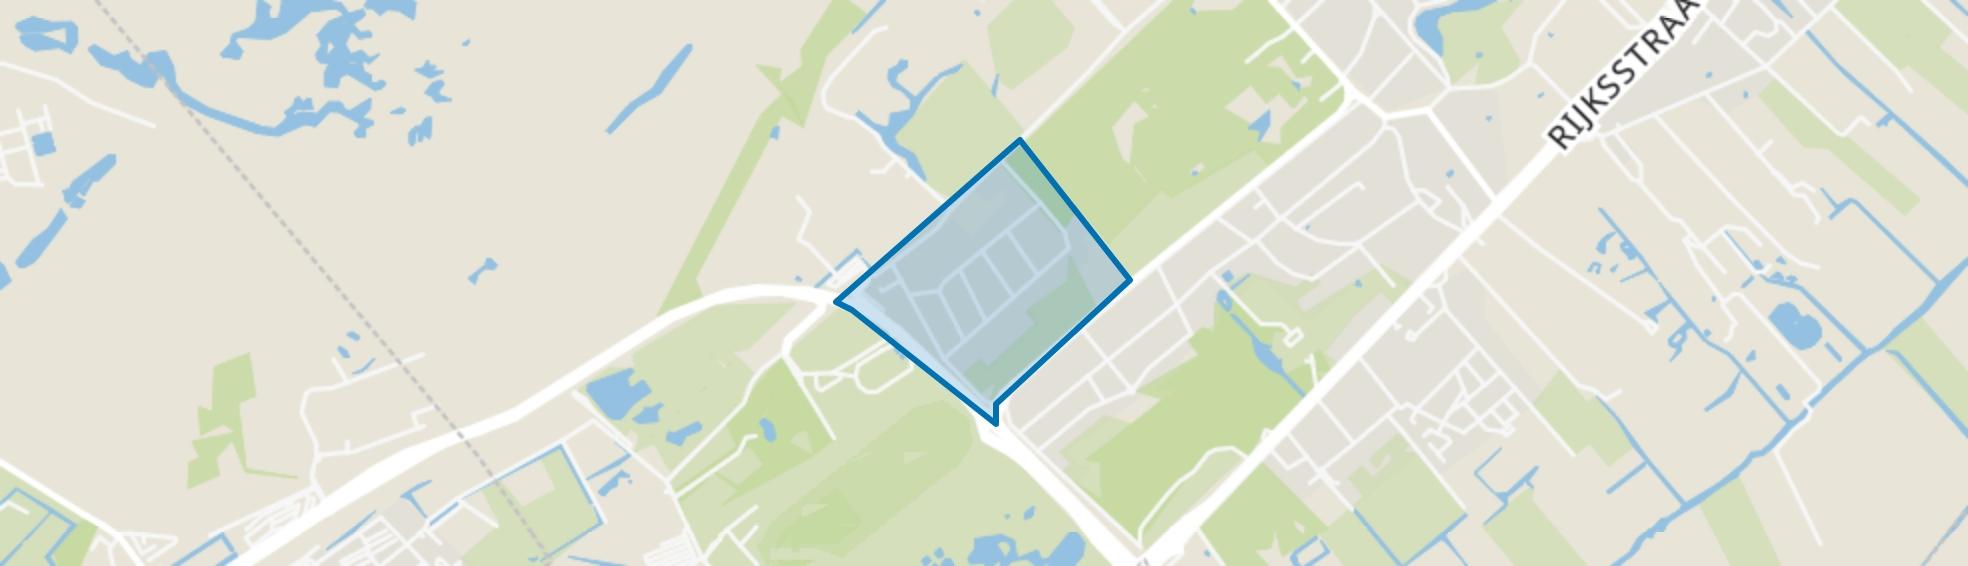 Klingenbosch, Wassenaar map